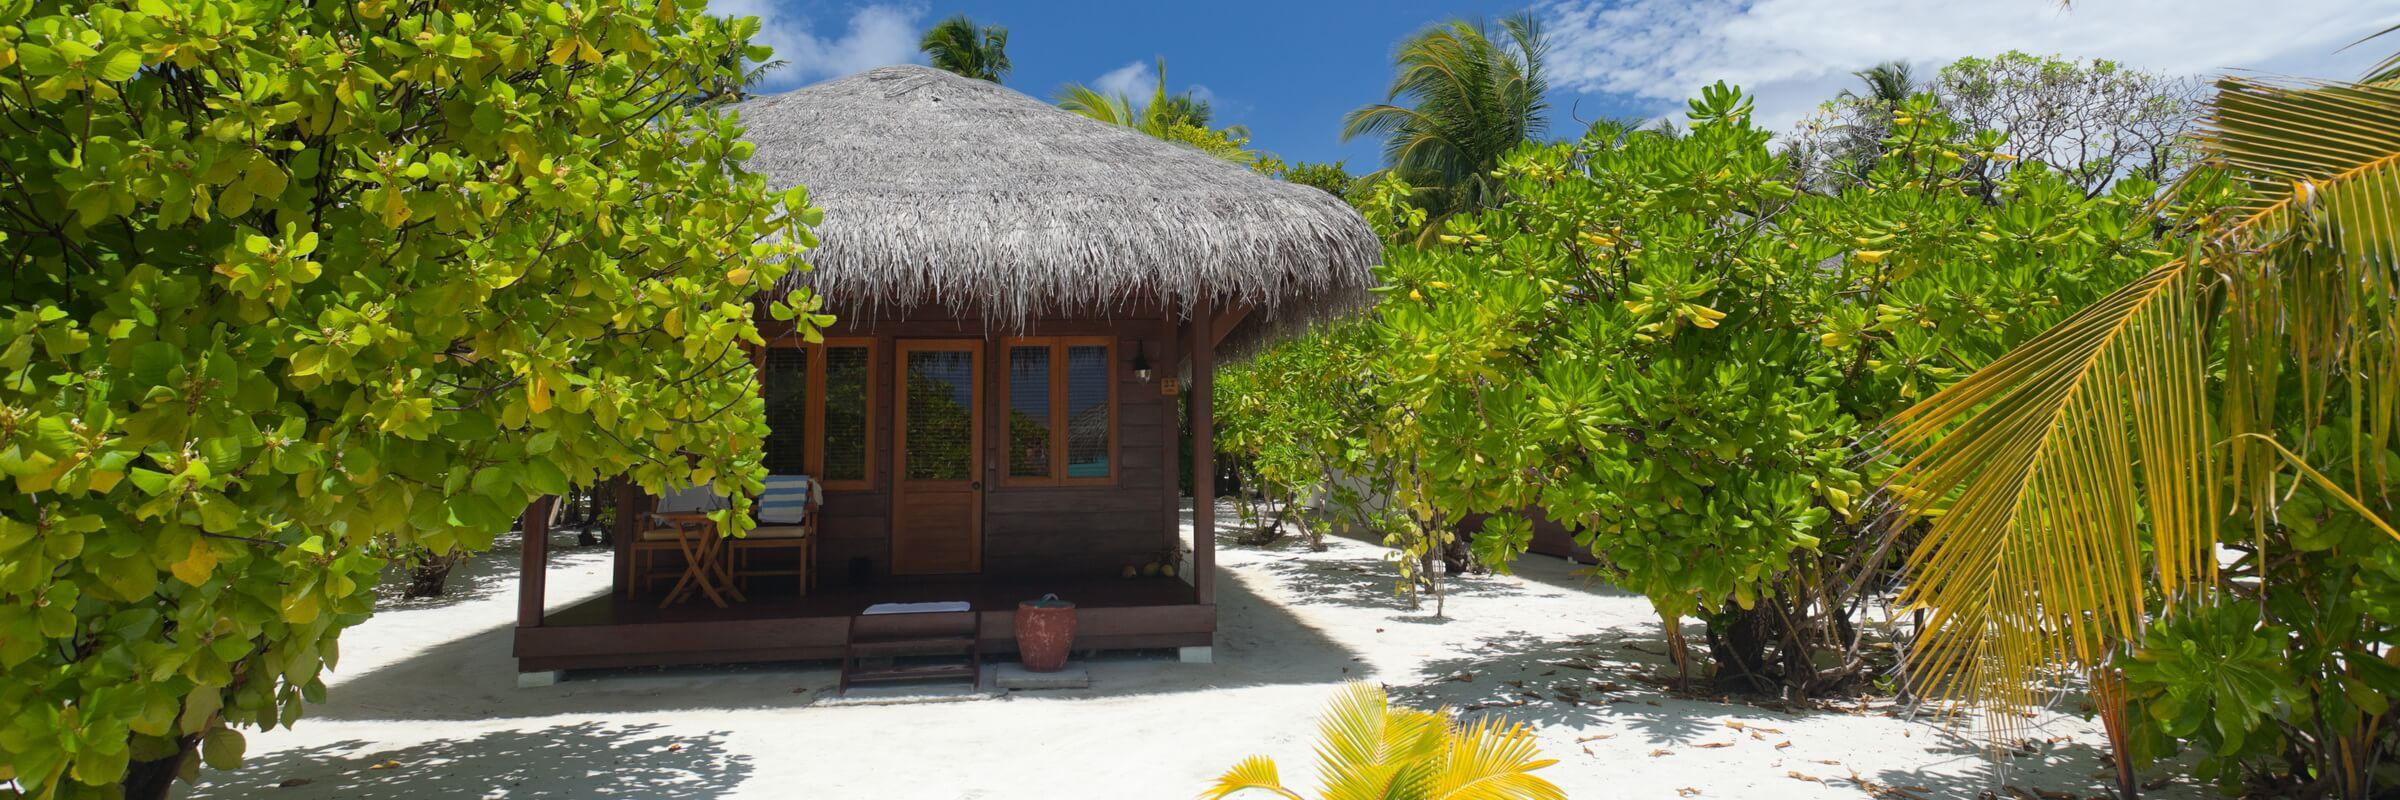 Die Deluxe Villa Unterkünfte verfügen über ein halboffenes Bad sowie eine Badewanne und sind in Einzelbungalows gelegen.